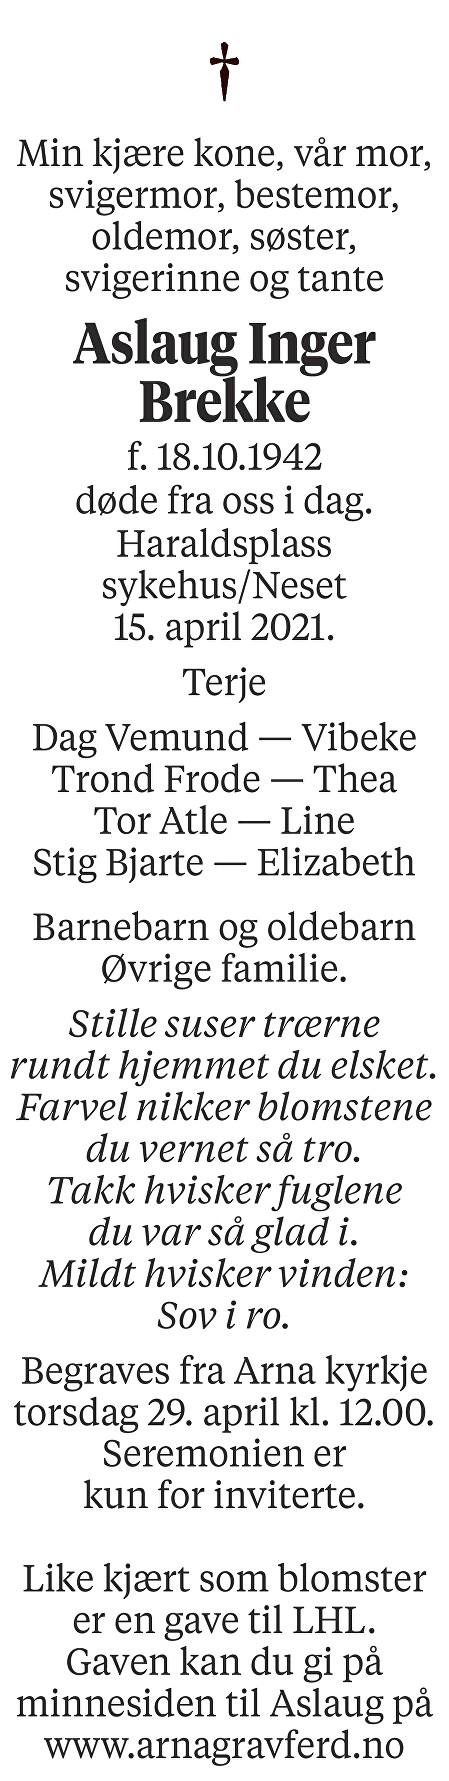 Aslaug Inger Brekke Dødsannonse